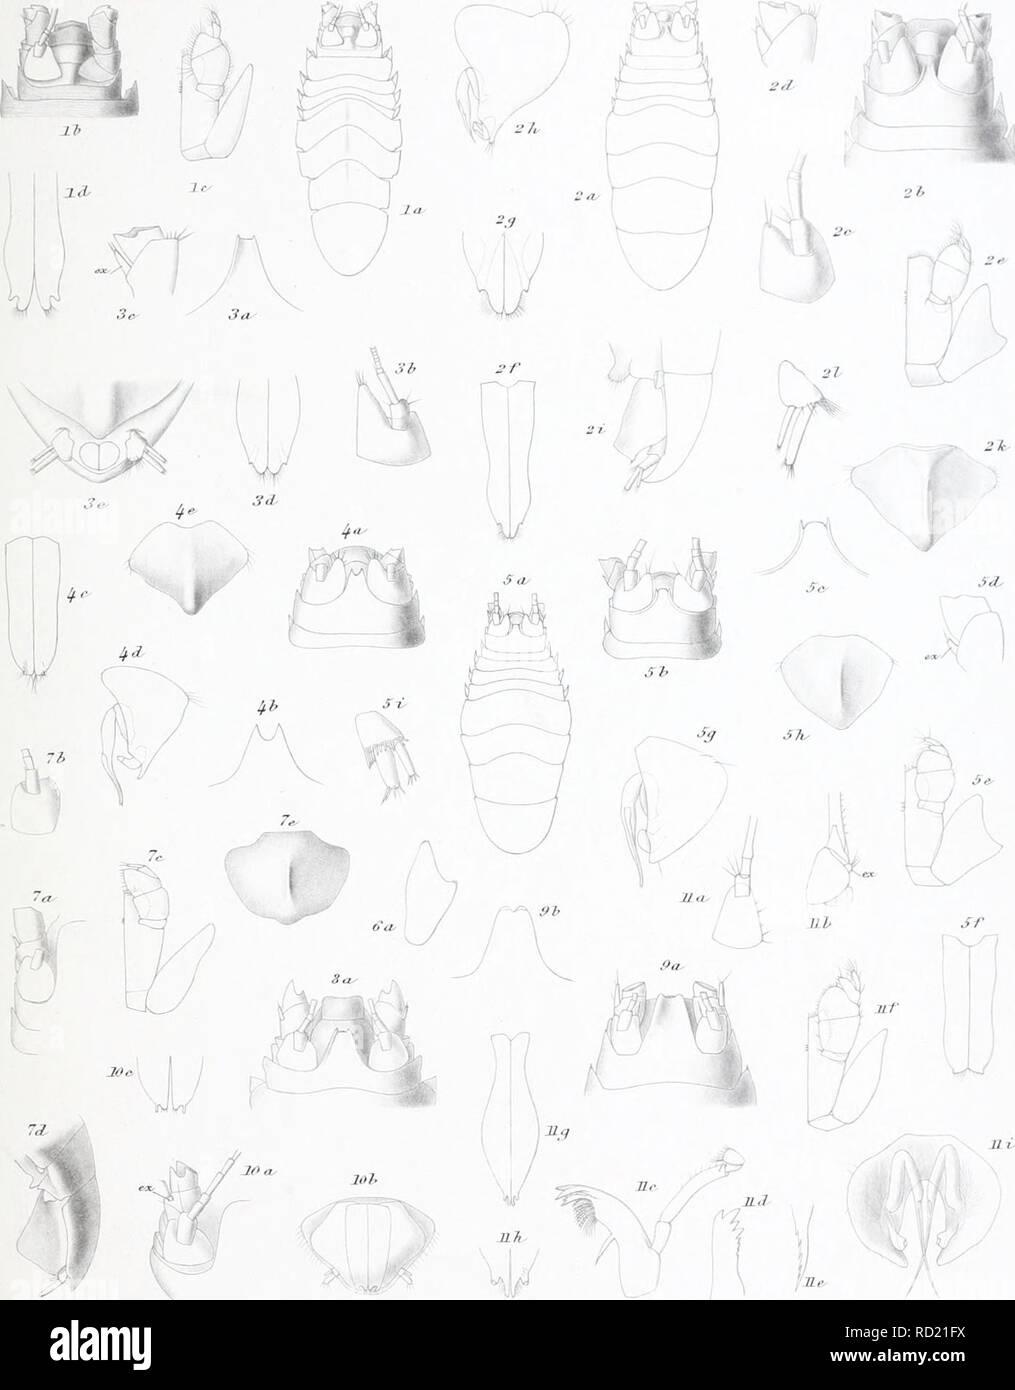 . Ingolf danés-expedición. Los animales marinos -- las regiones árticas; expediciones científicas; las regiones árticas. //I///' Expedición III 4 II - I Ihmxrii Crustacea MaHacostmca III I'l mil..l'rons Euryoope nodif n..rp 2'. E.inermis ji.sp. SE.Jfiznseni oiiiin. ^.H.convpla-nata n,mn. 5.UbrevirostTis n.sp (i.E.prodifcta S.O.S. ZE.-parva n<mn. 8. E pTvaZUcngiwm &0.S 9.S.iiwcata G.O.S lO.U.Ttvwtic-G.O.S. TIJJLansen â¢// U.Piirpx-es.WUer TJf oceartiea Taa.. Por favor tenga en cuenta que estas imágenes son extraídas de la página escaneada imágenes que podrían haber sido mejoradas digitalmente para la legibilidad - colo Foto de stock